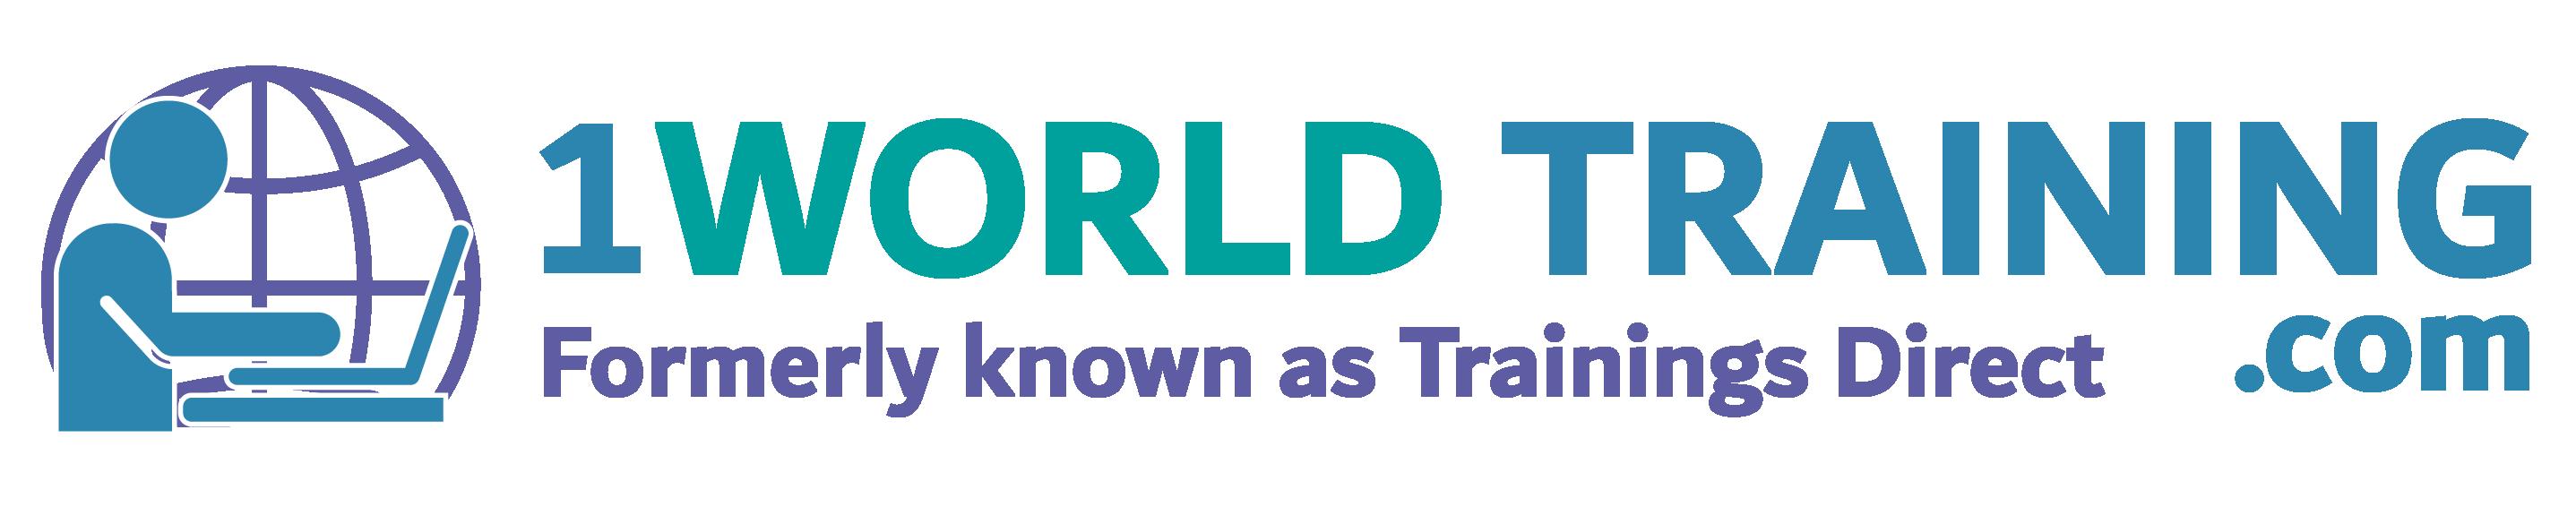 1WorldTraining